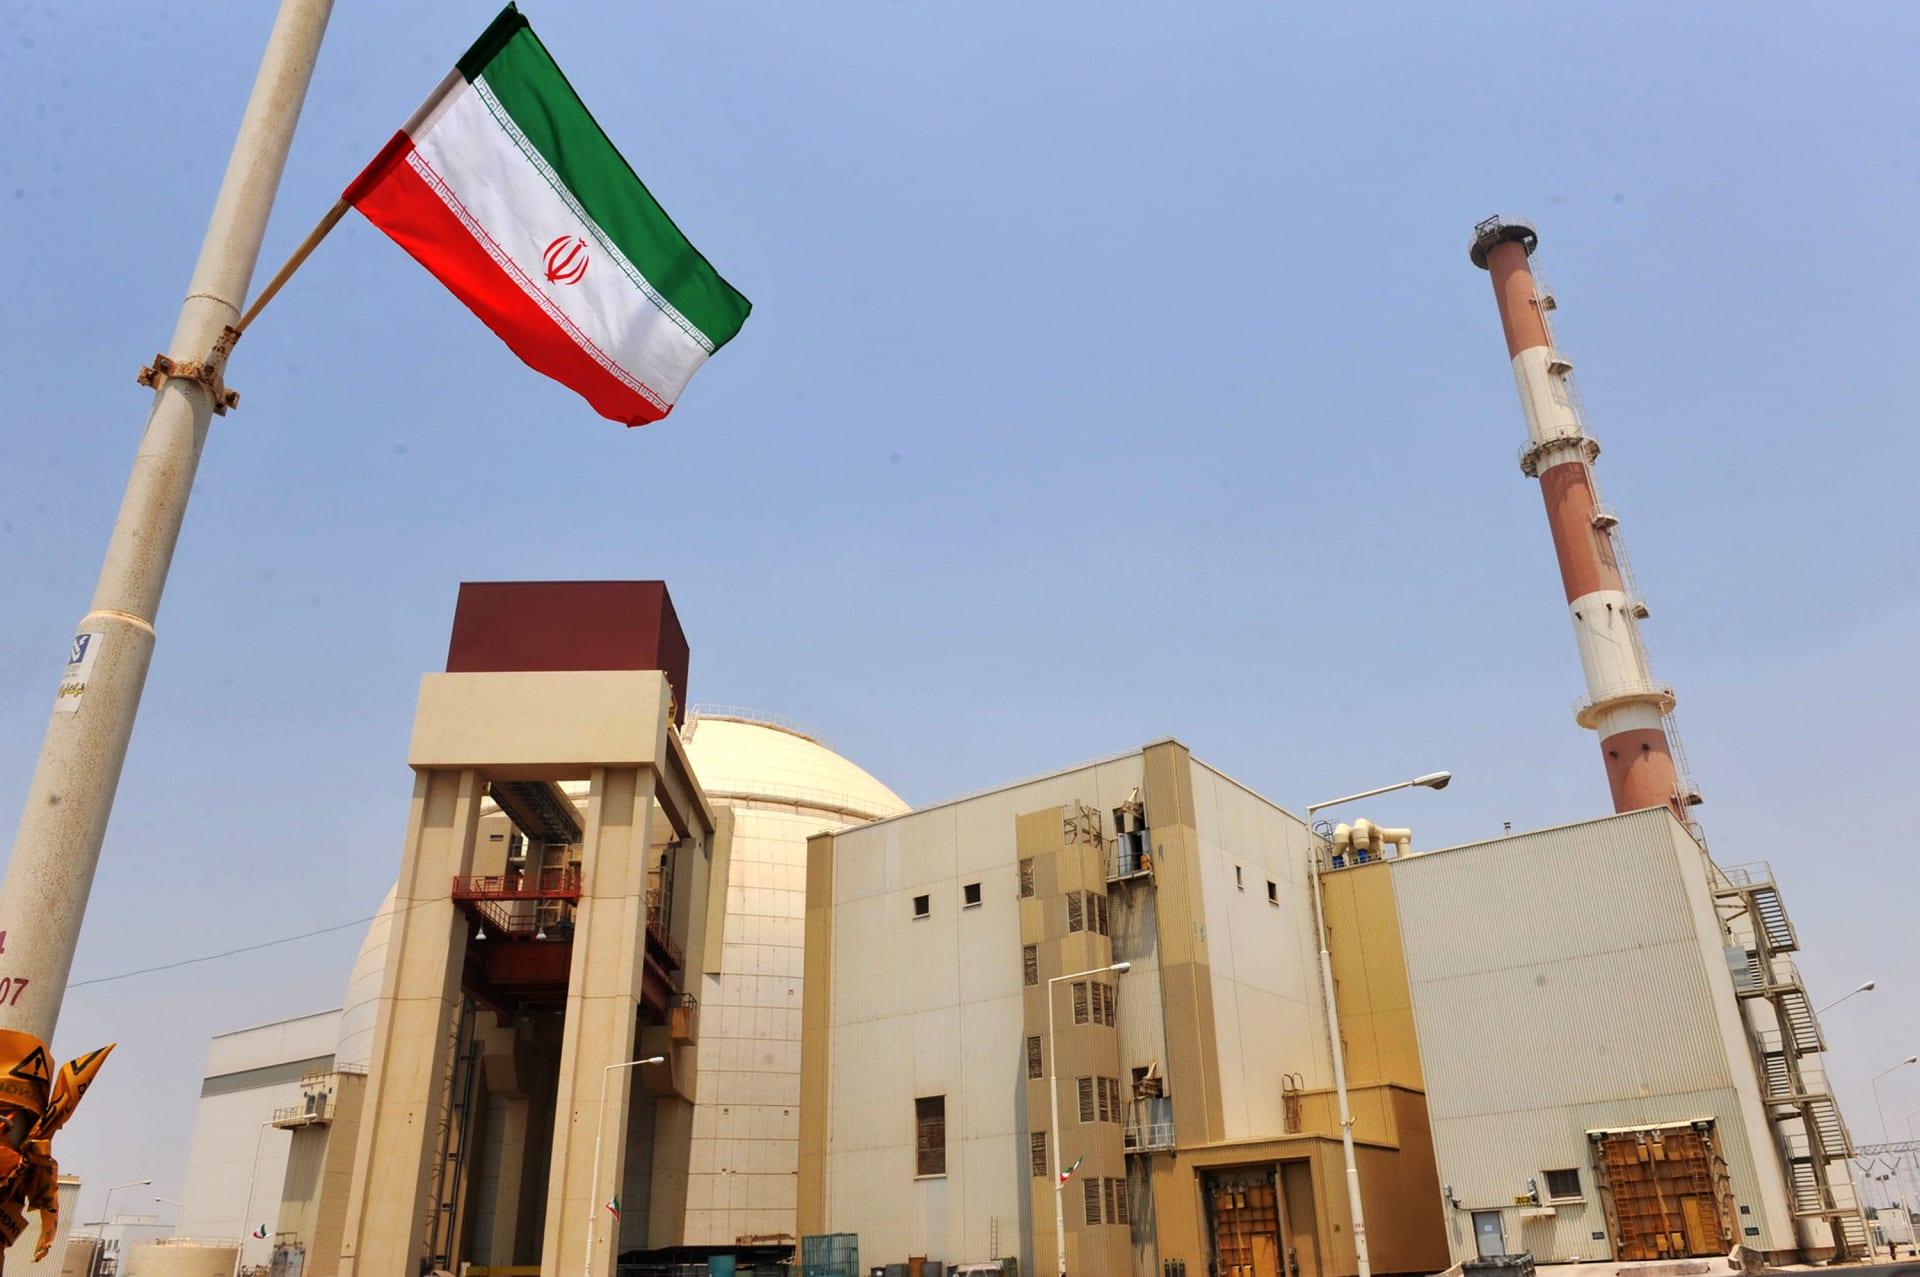 بعد يومين من حريق الموقع النووي.. انفجاران يهزان محطة توليد الطاقة ومركز بتروكيماويات بإيران